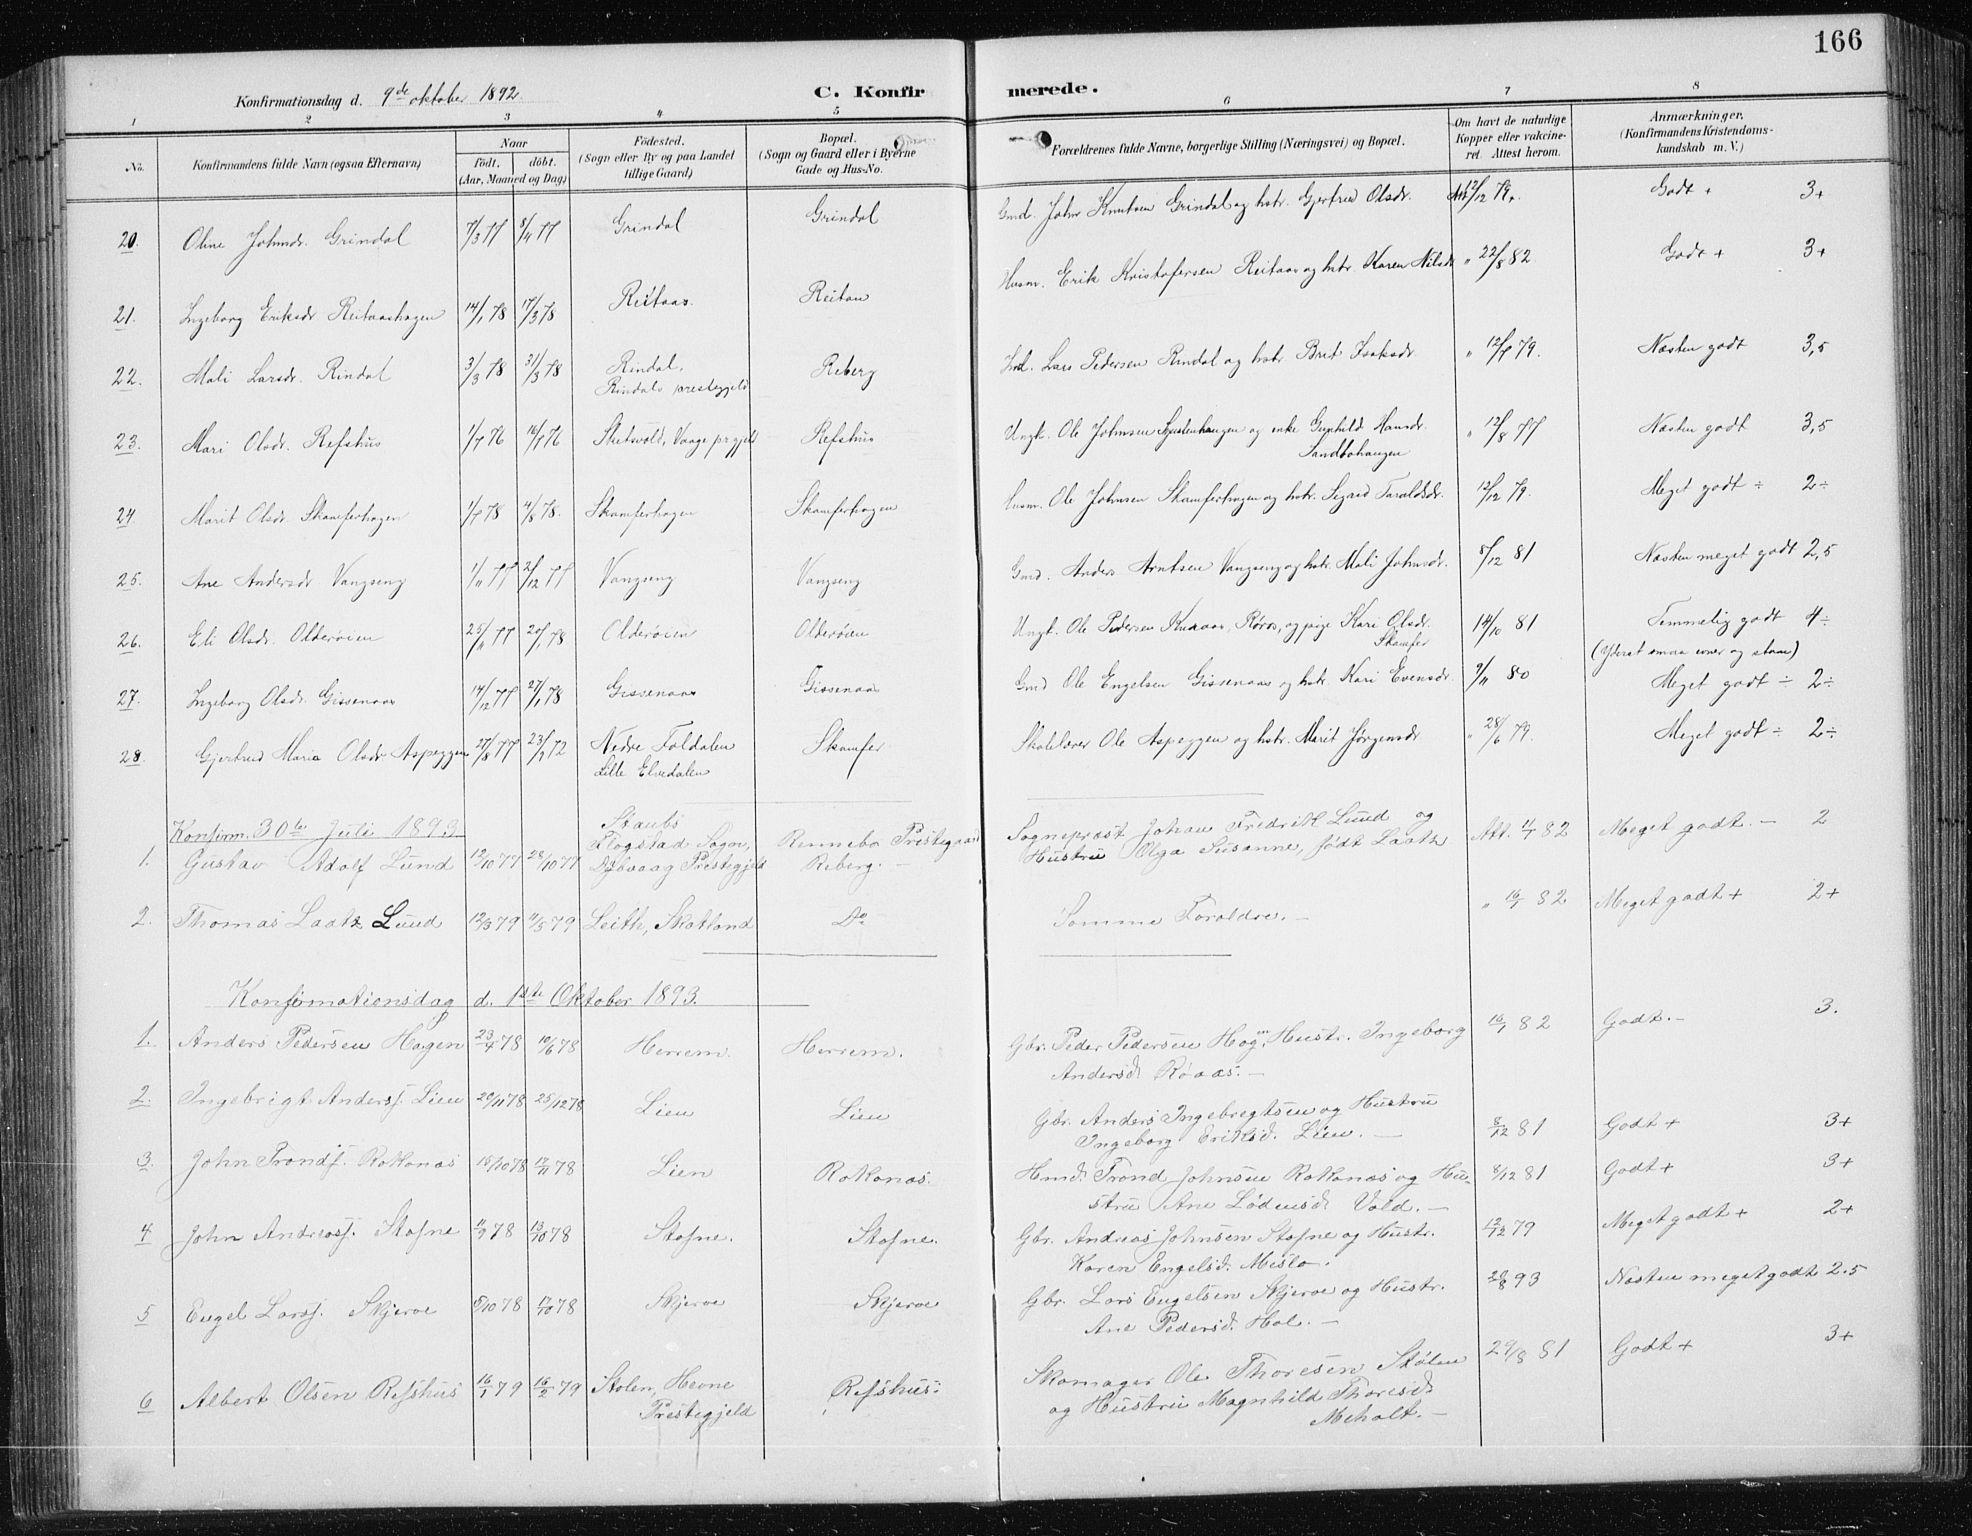 SAT, Ministerialprotokoller, klokkerbøker og fødselsregistre - Sør-Trøndelag, 674/L0876: Klokkerbok nr. 674C03, 1892-1912, s. 166